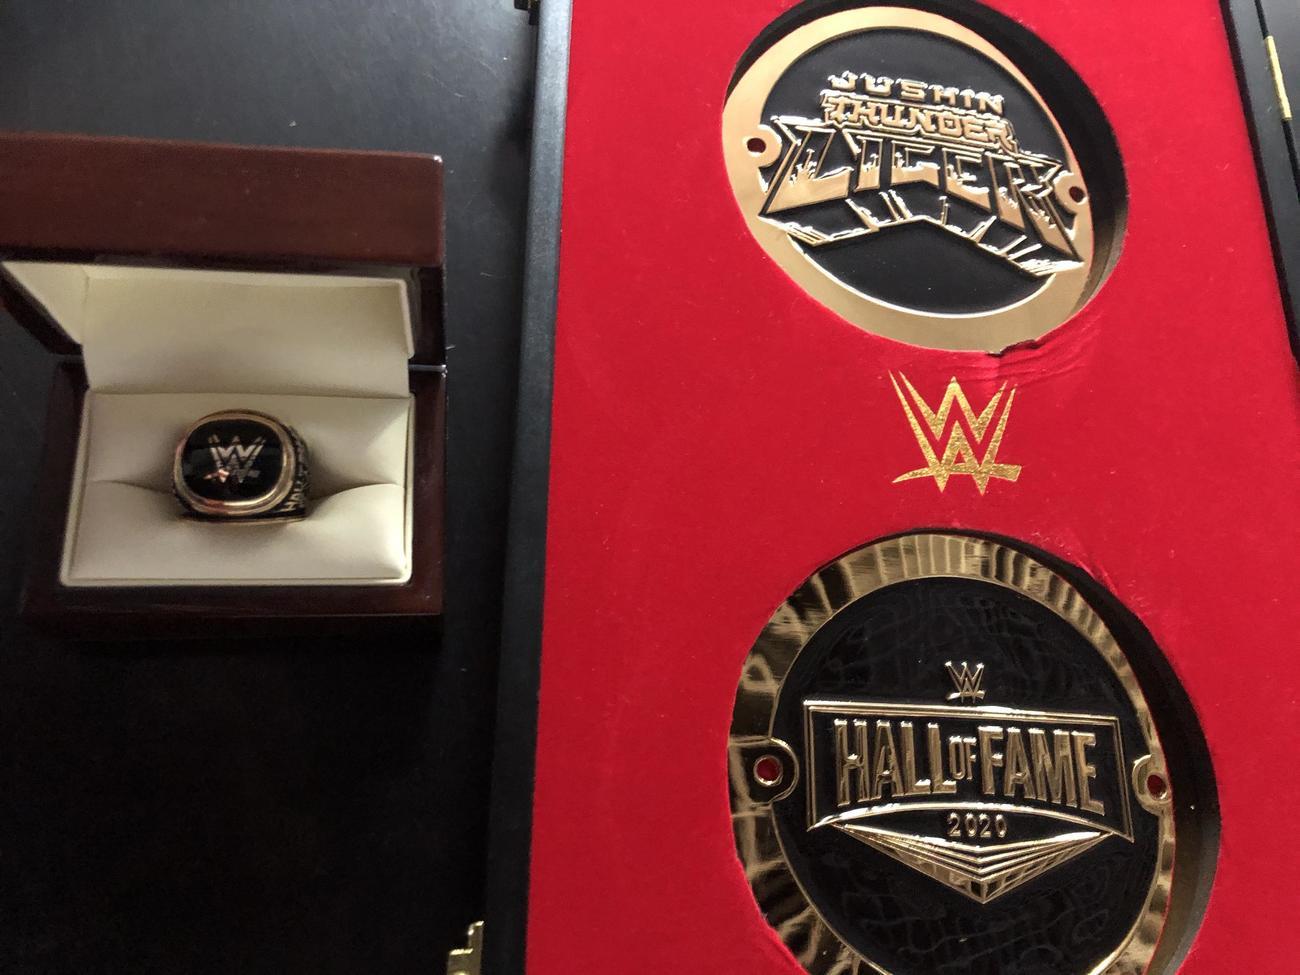 獣神サンダー・ライガーが受け取ったWWE殿堂入りの表彰盾とリング(C)2021 WWE, Inc. All Rights Reserved.